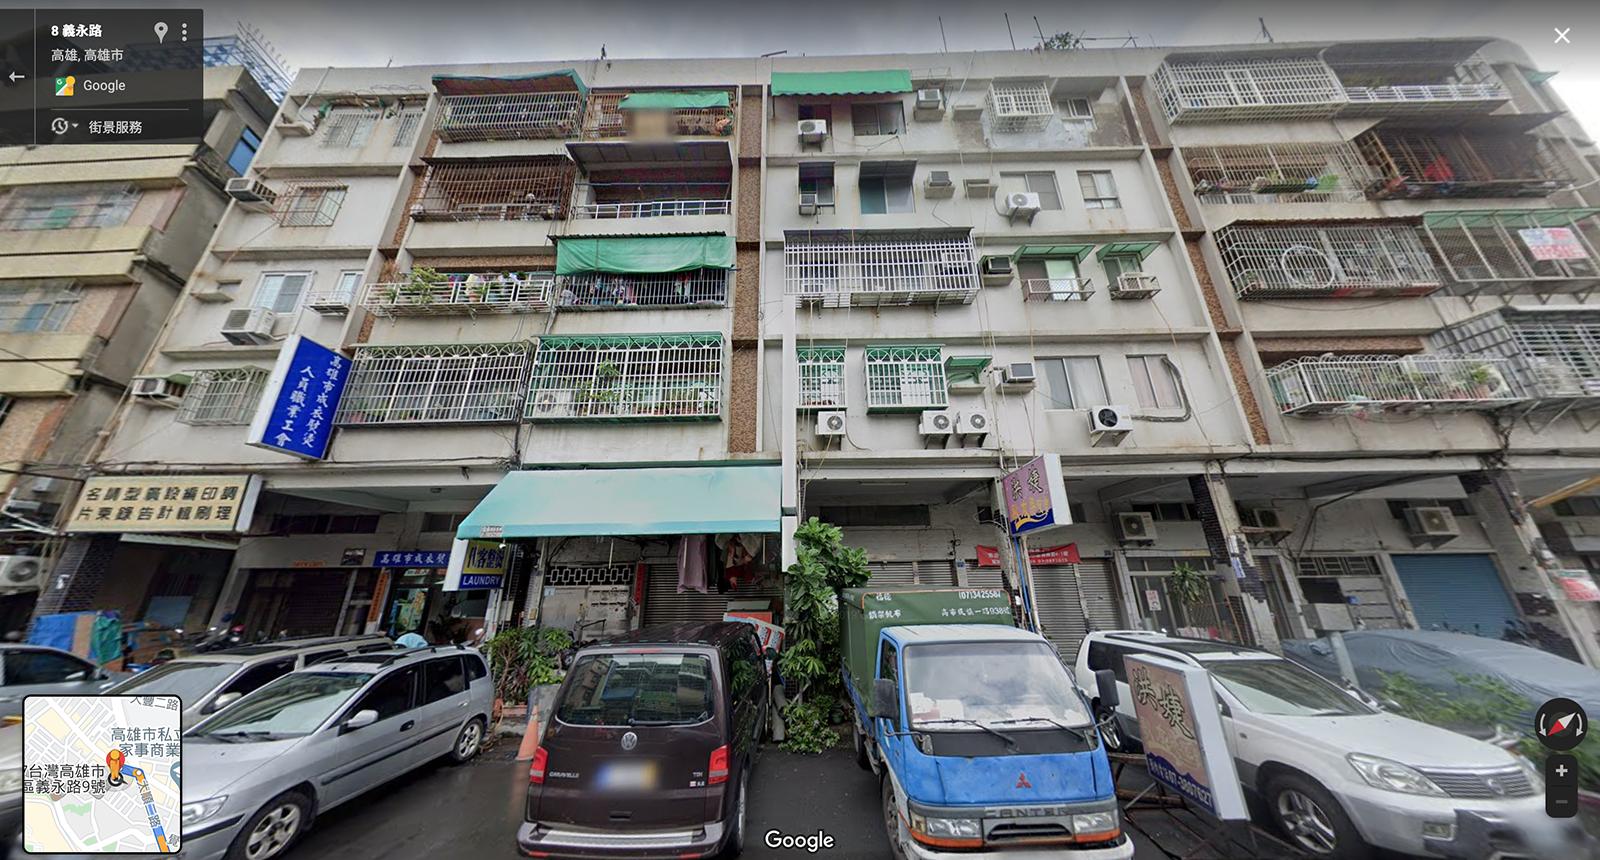 🏠公寓(法拍)三民區 公寓1樓店面 2房1廳1衛